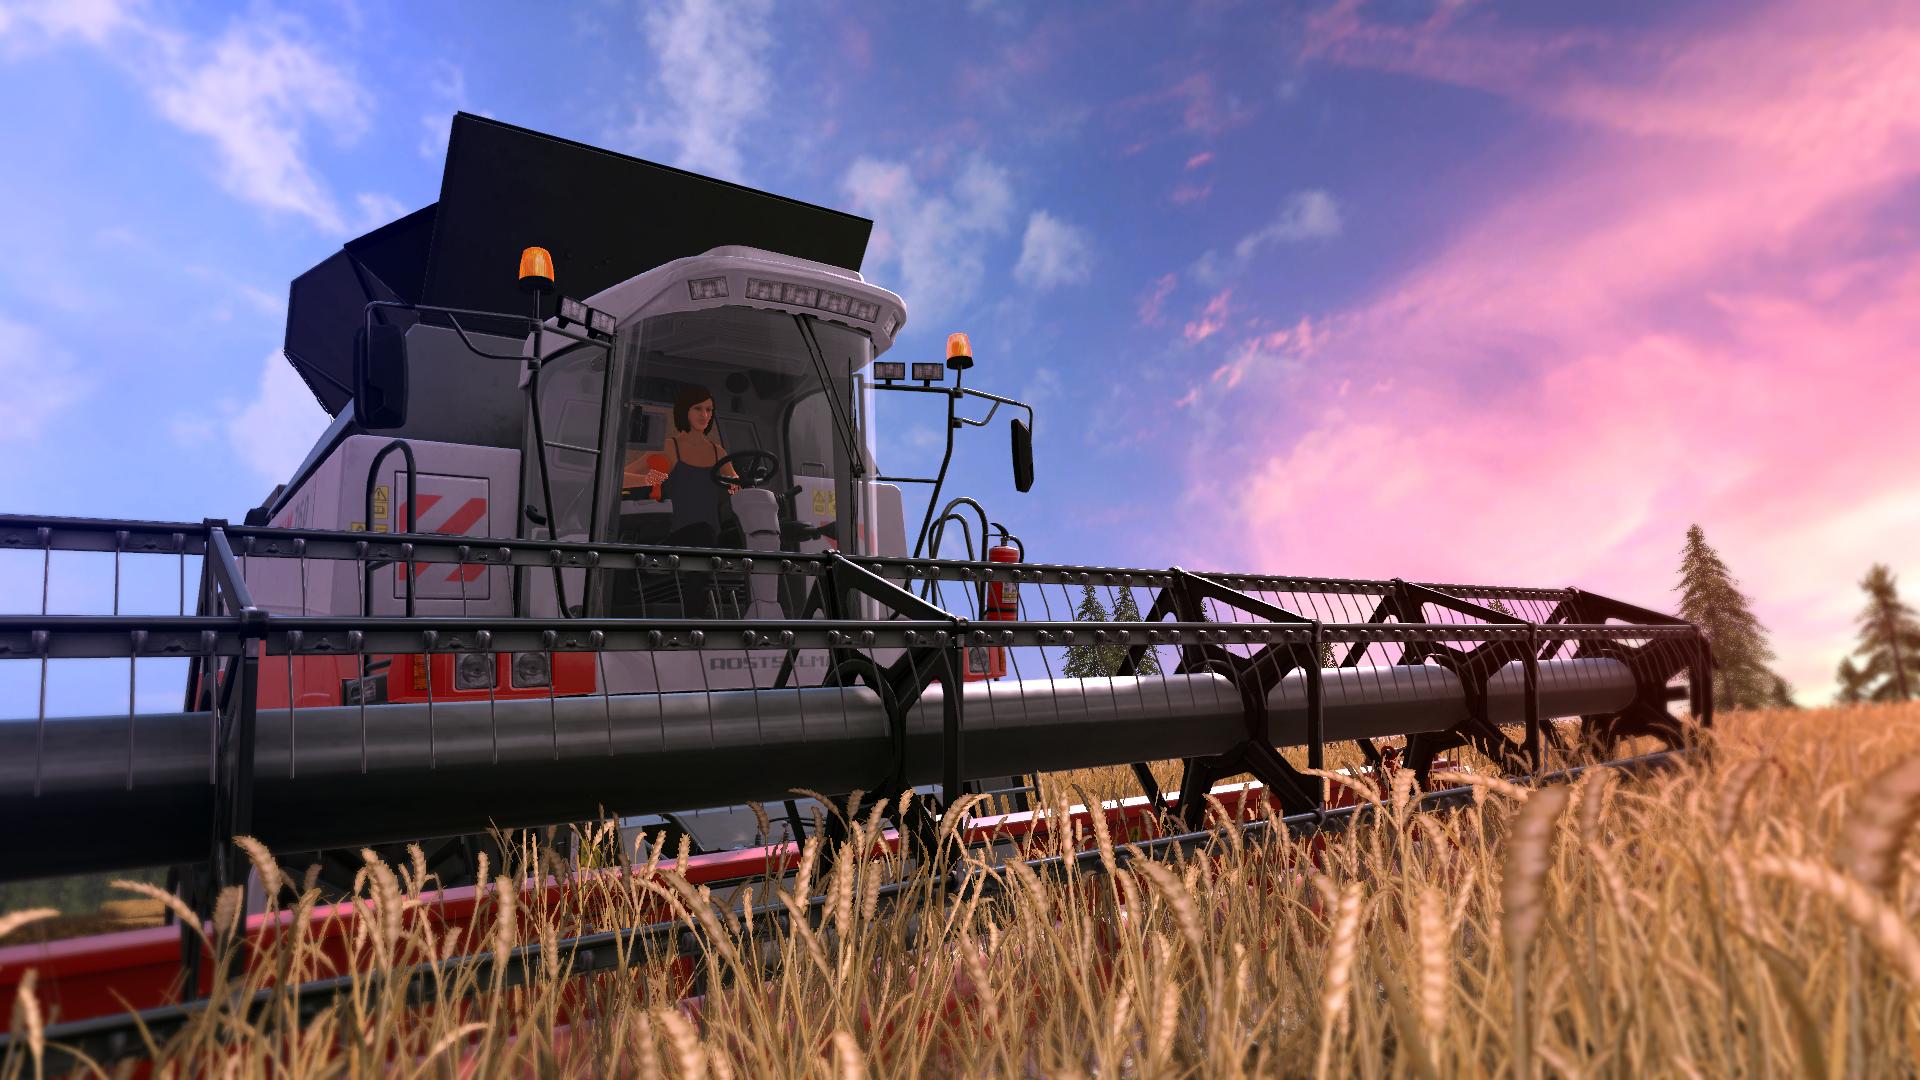 Скачать моды для farming simulator 2020 на деньги 1000000000